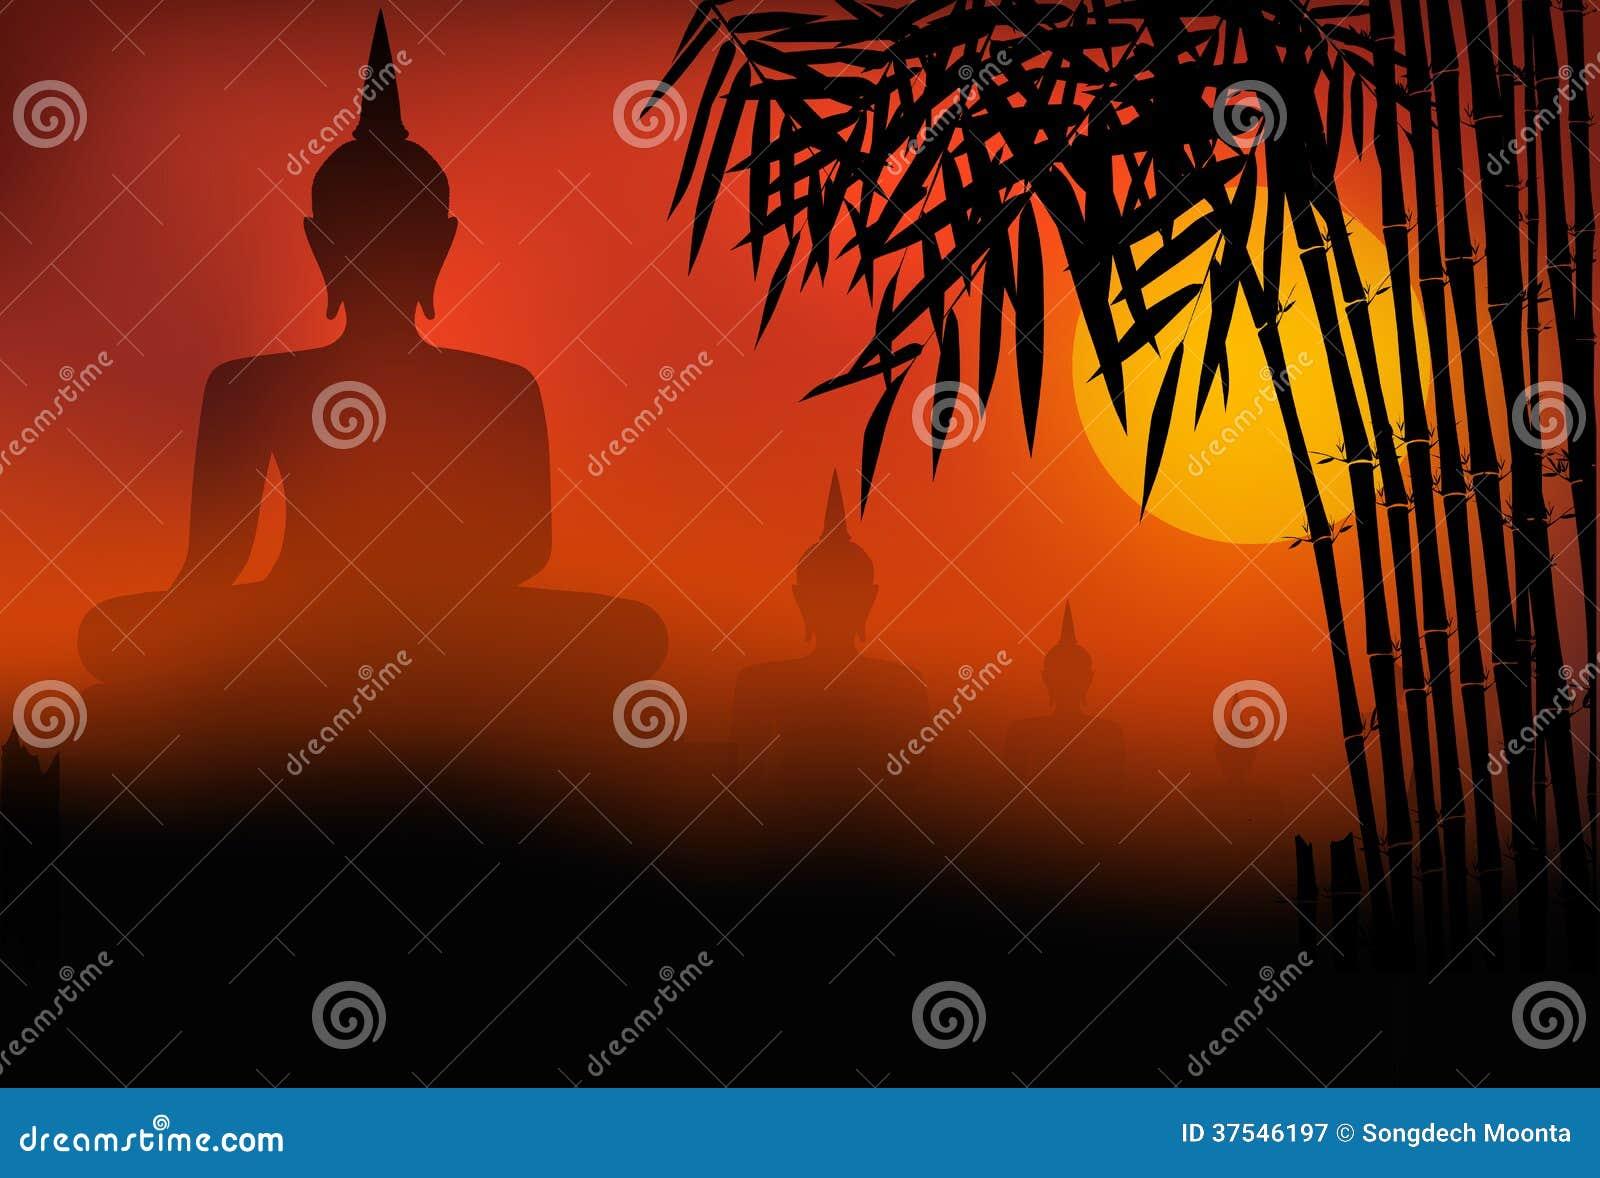 Buddha statue sunset